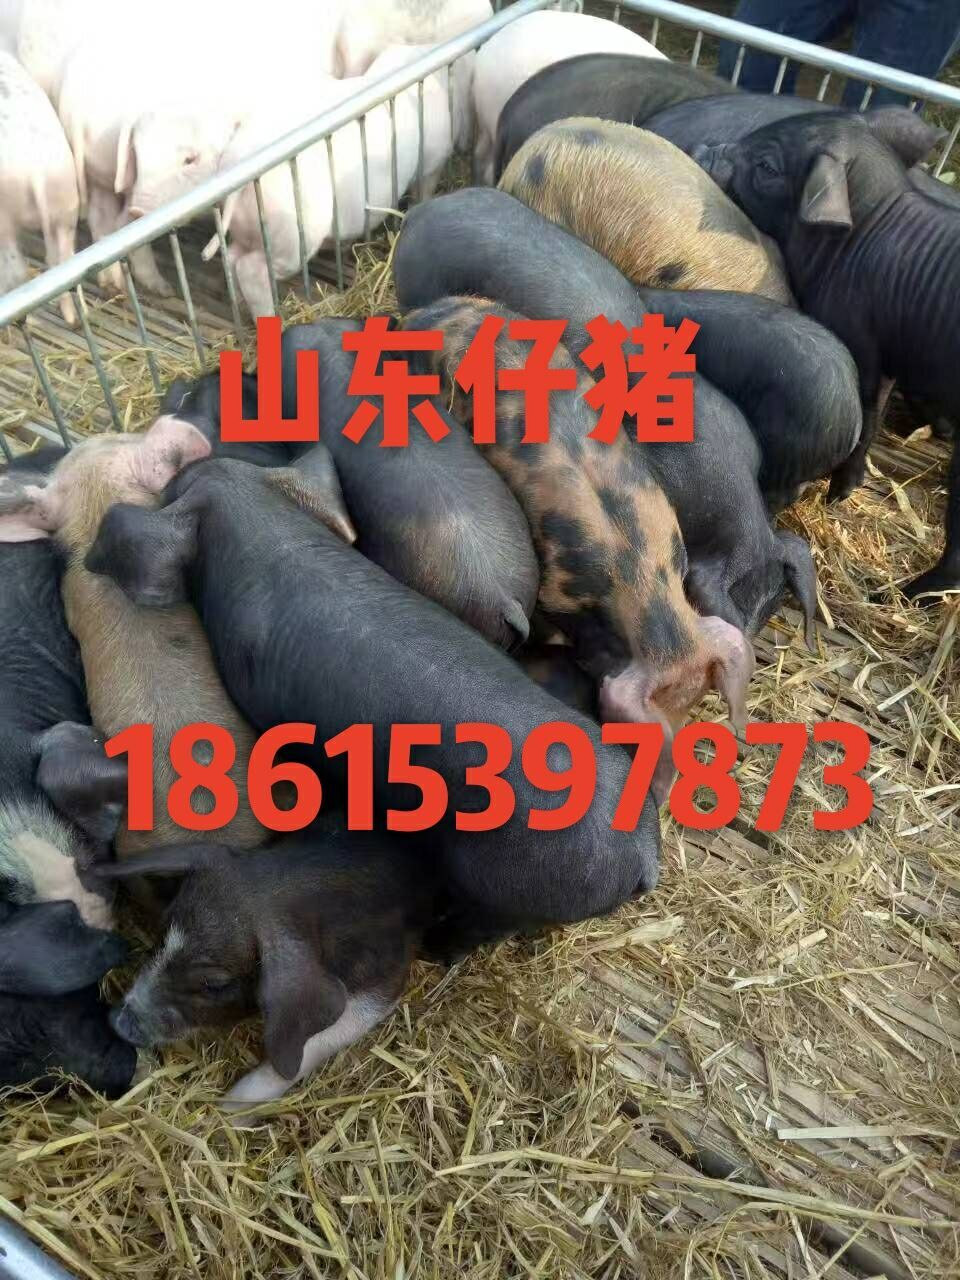 18615397873今日三元仔猪价格行情